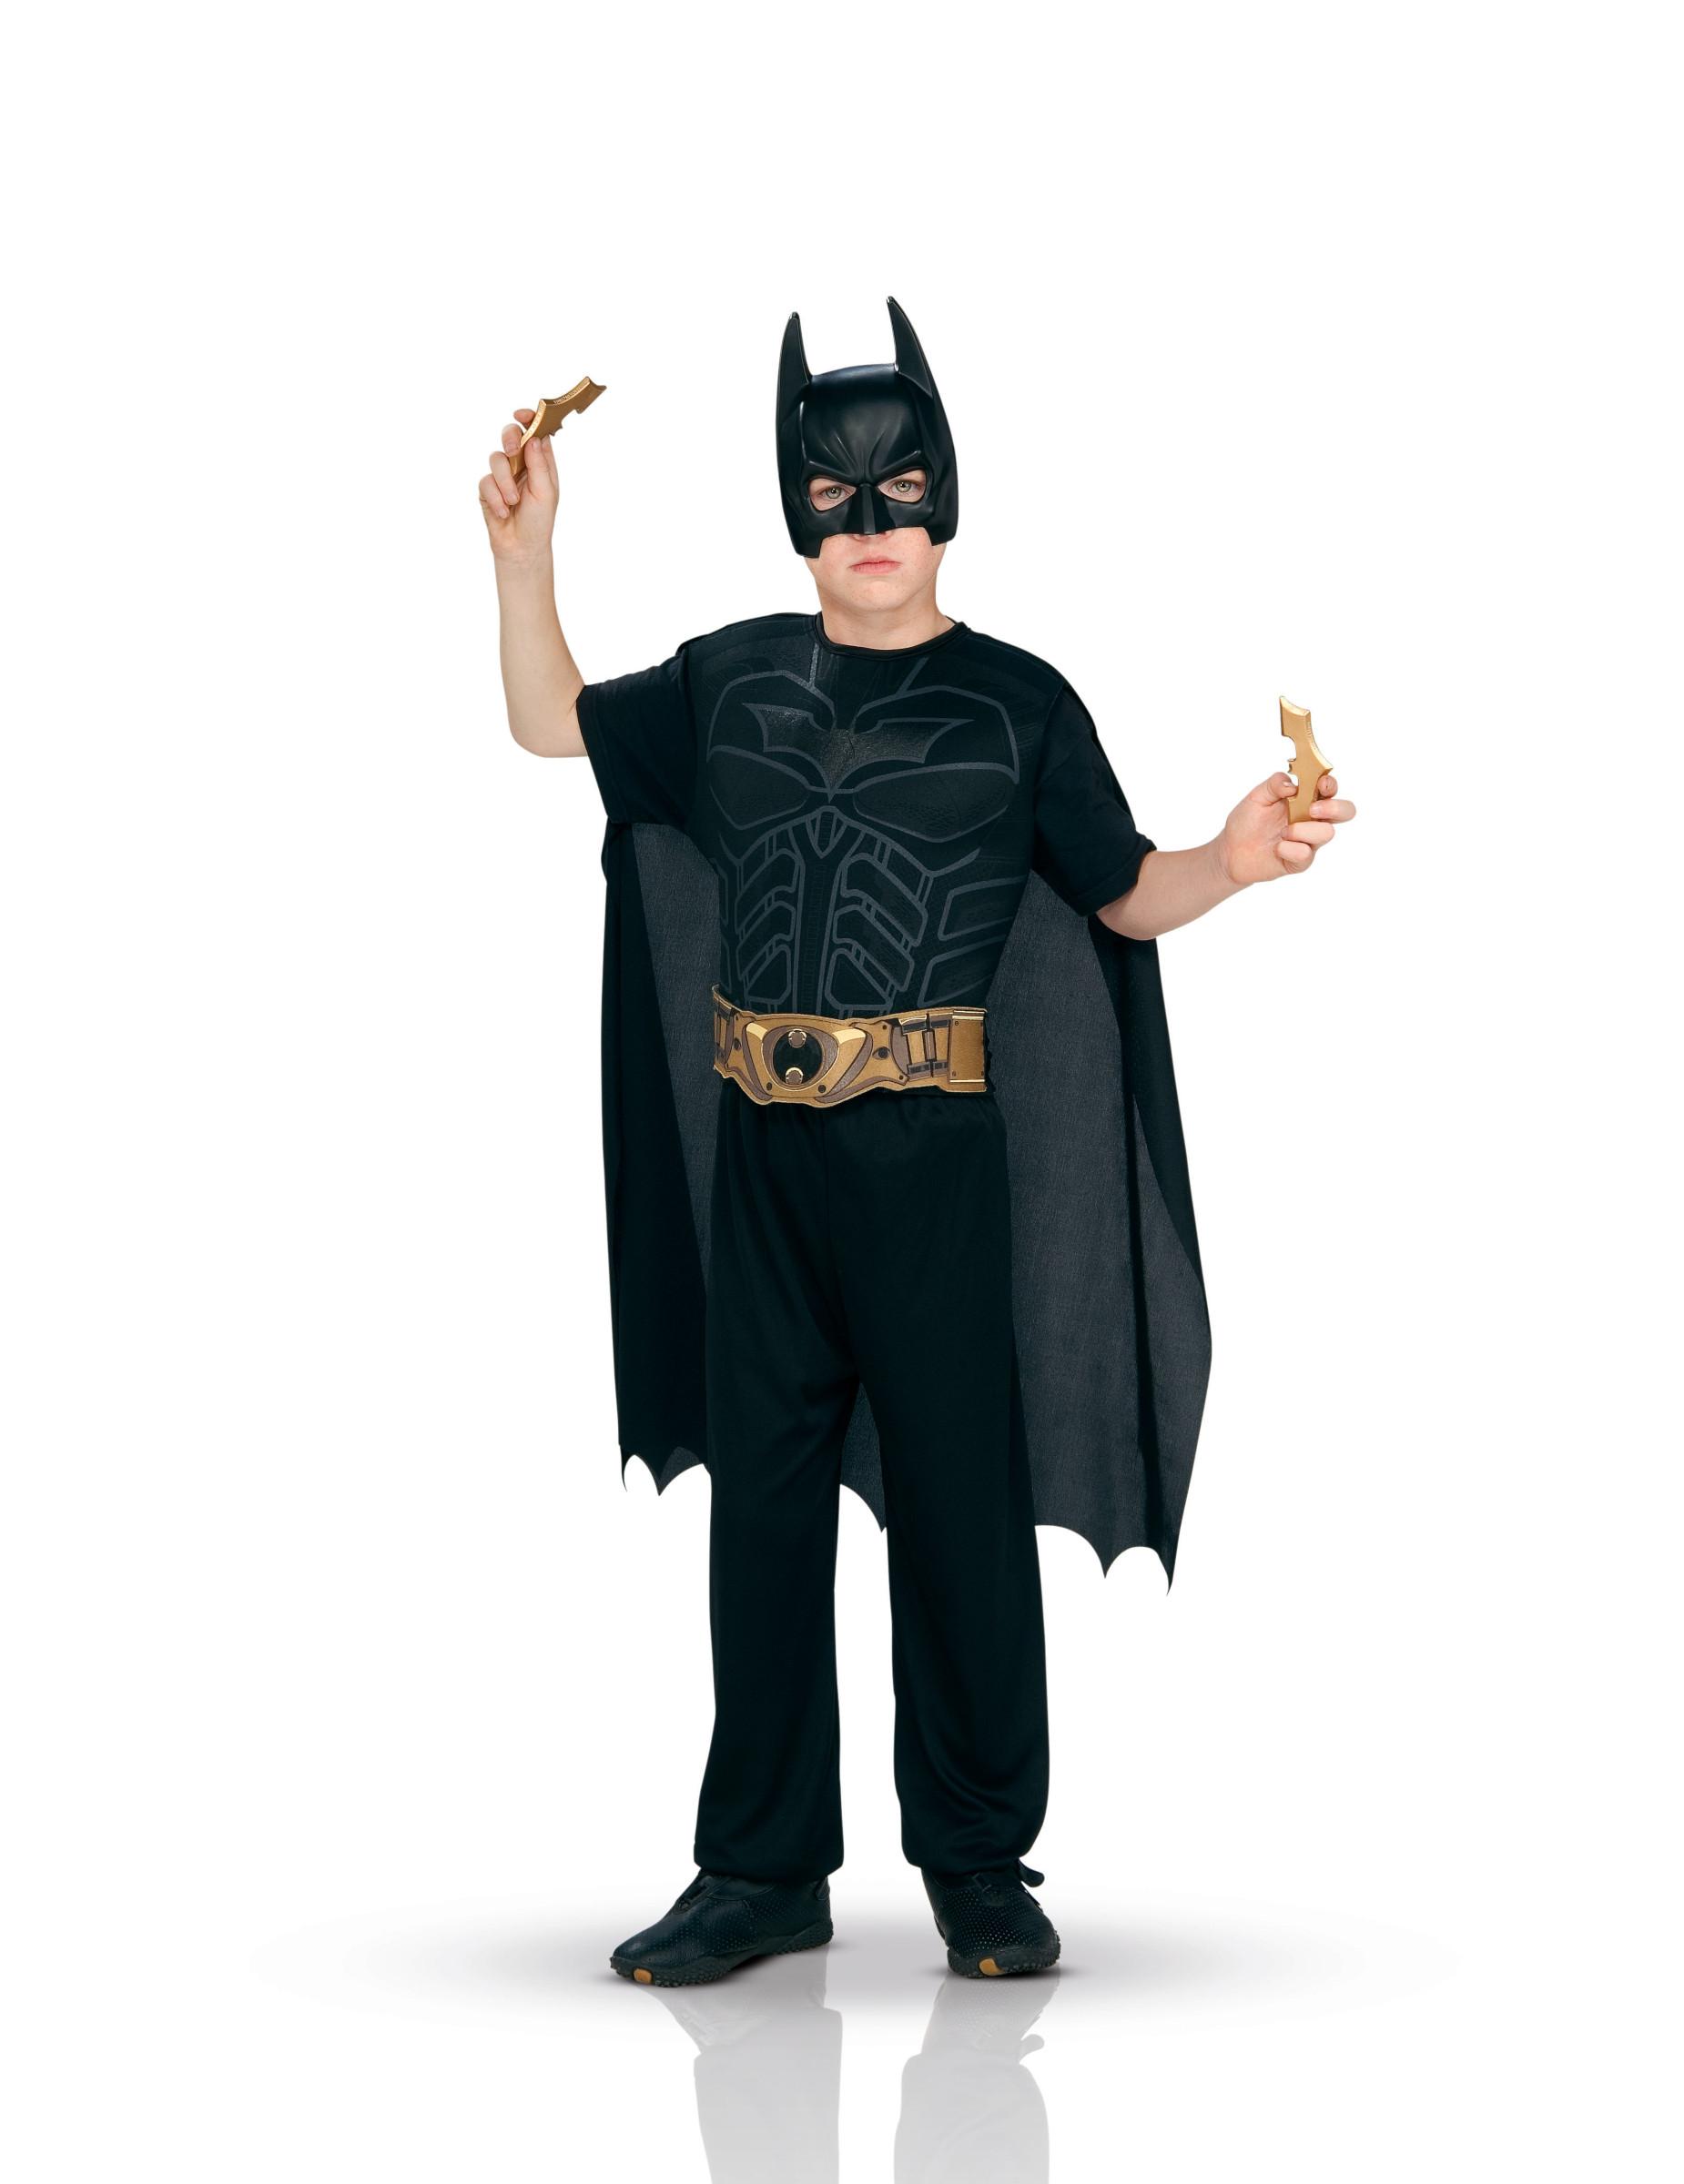 #Batman™-Kostüm für Jungen mit Accessoires Faschings-Set schwarz-gold#